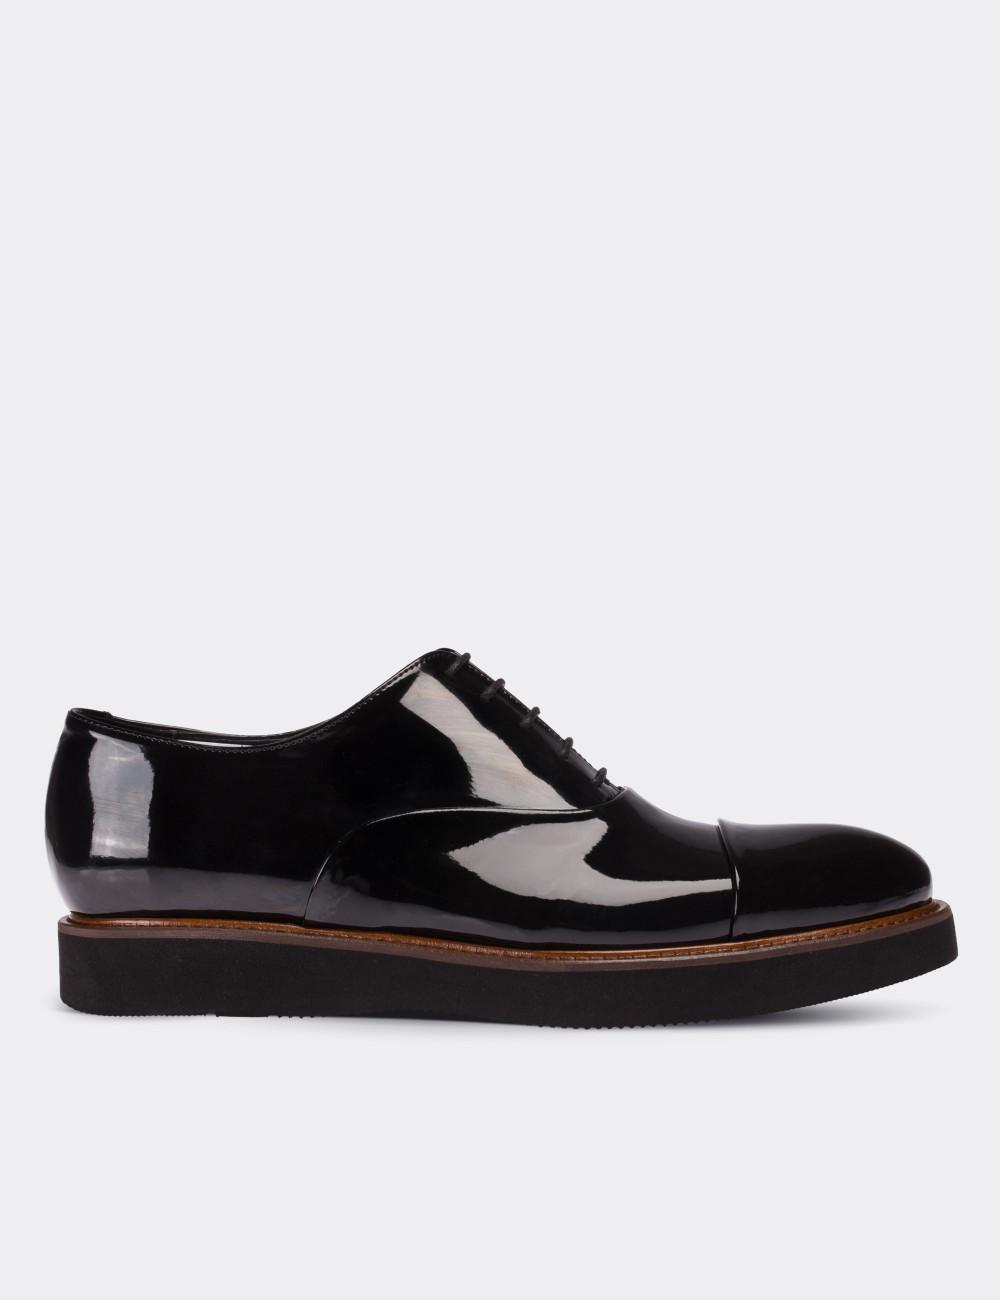 Siyah Rugan Günlük Erkek Ayakkabı - 01026MSYHE03